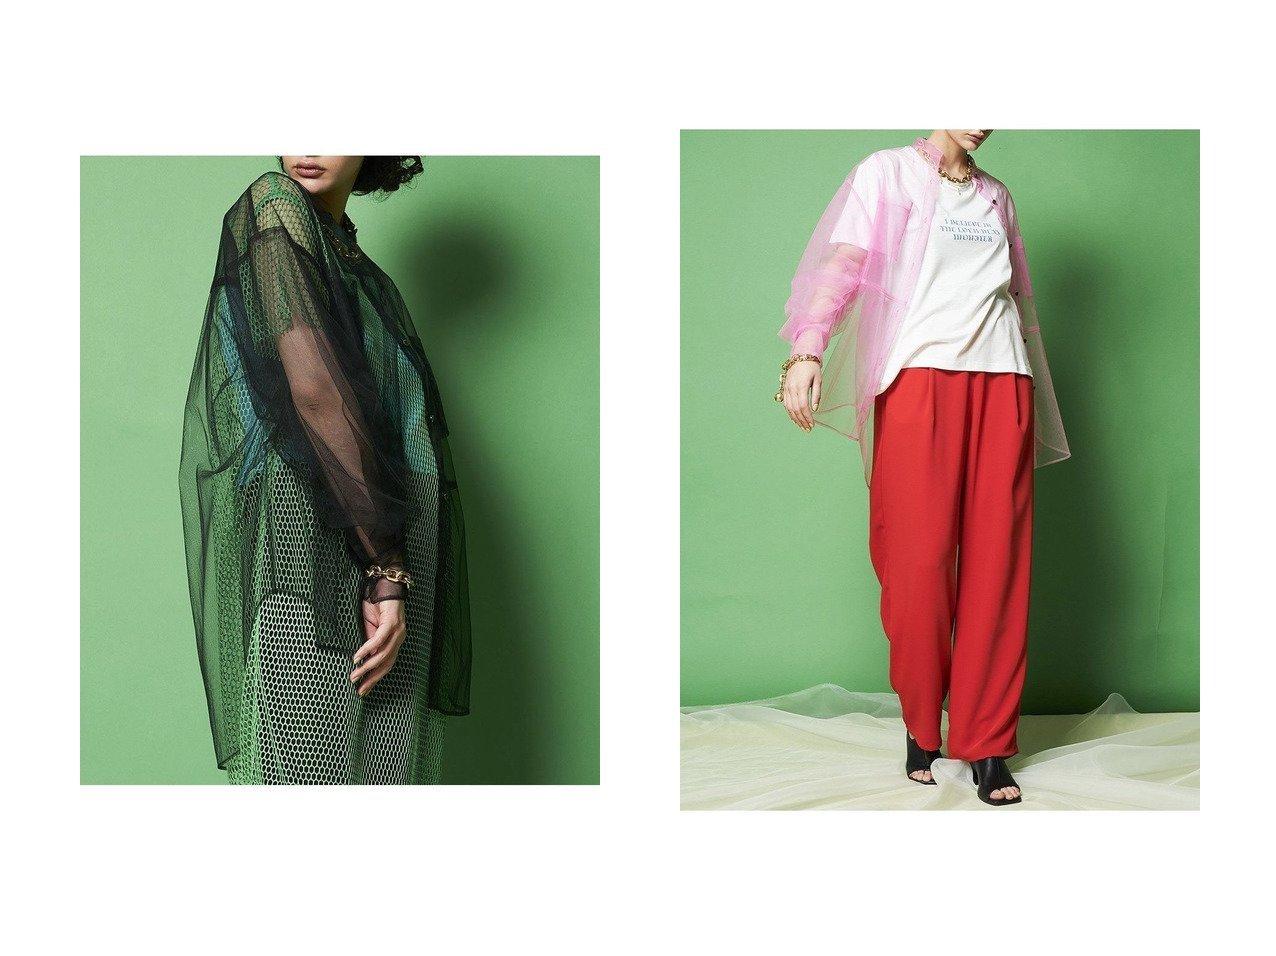 【MAISON SPECIAL/メゾンスペシャル】のソフトチュールシャツ 【トップス・カットソー】おすすめ!人気、トレンド・レディースファッションの通販 おすすめで人気の流行・トレンド、ファッションの通販商品 メンズファッション・キッズファッション・インテリア・家具・レディースファッション・服の通販 founy(ファニー) https://founy.com/ ファッション Fashion レディースファッション WOMEN トップス・カットソー Tops/Tshirt シャツ/ブラウス Shirts/Blouses ギャザー シアー スリーブ チュール ロング ワイド 春 Spring  ID:crp329100000038726